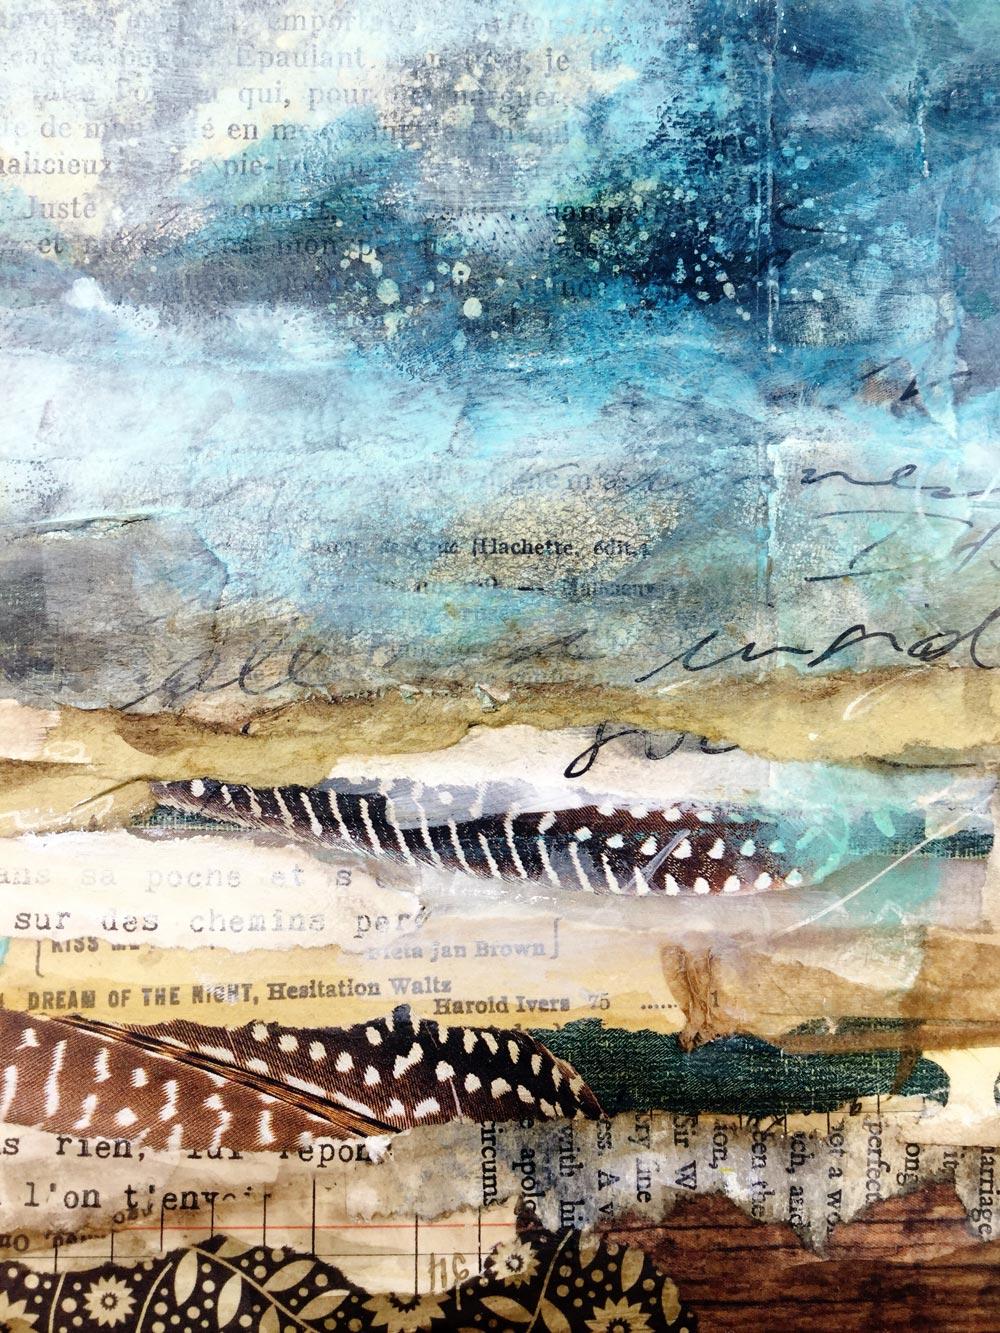 Laly Mille, paysage abstrait, détail d'une page de l'atelier Journal d'Artiste https://www.lalymille.com/journaldartiste